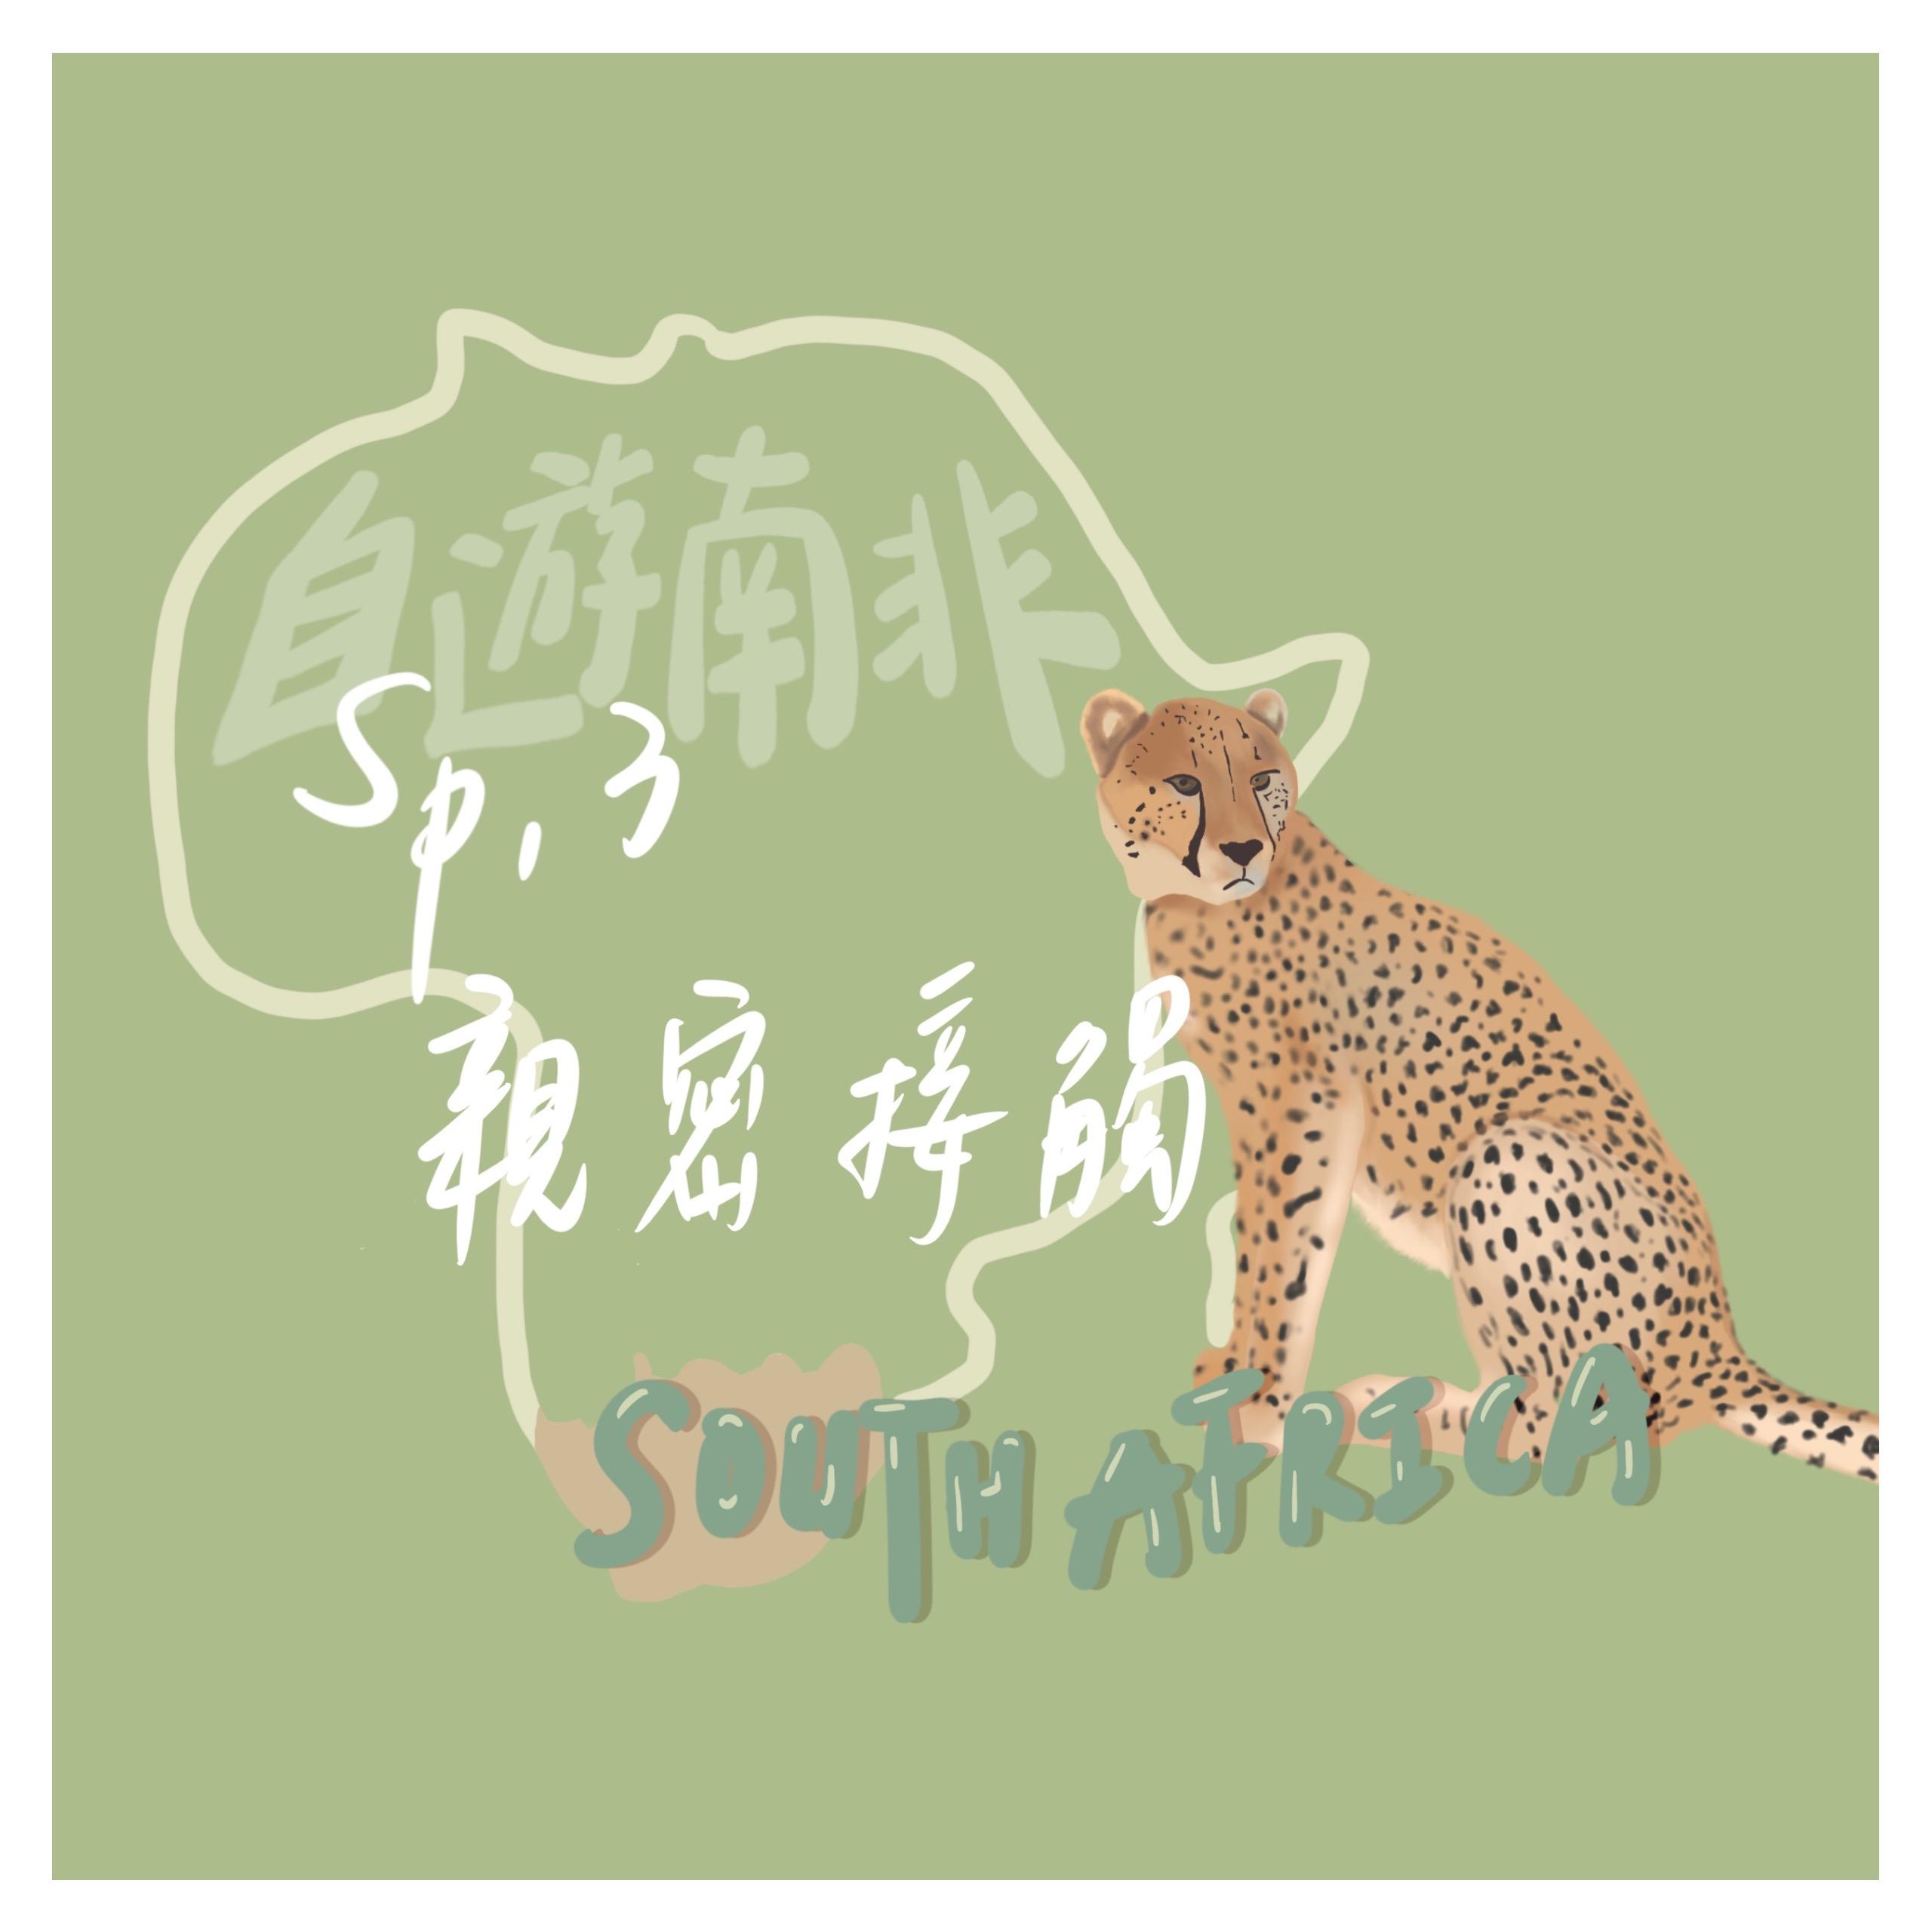 【自遊南非】Sp.3 獵豹的親密接觸,喝奶酒救大象!